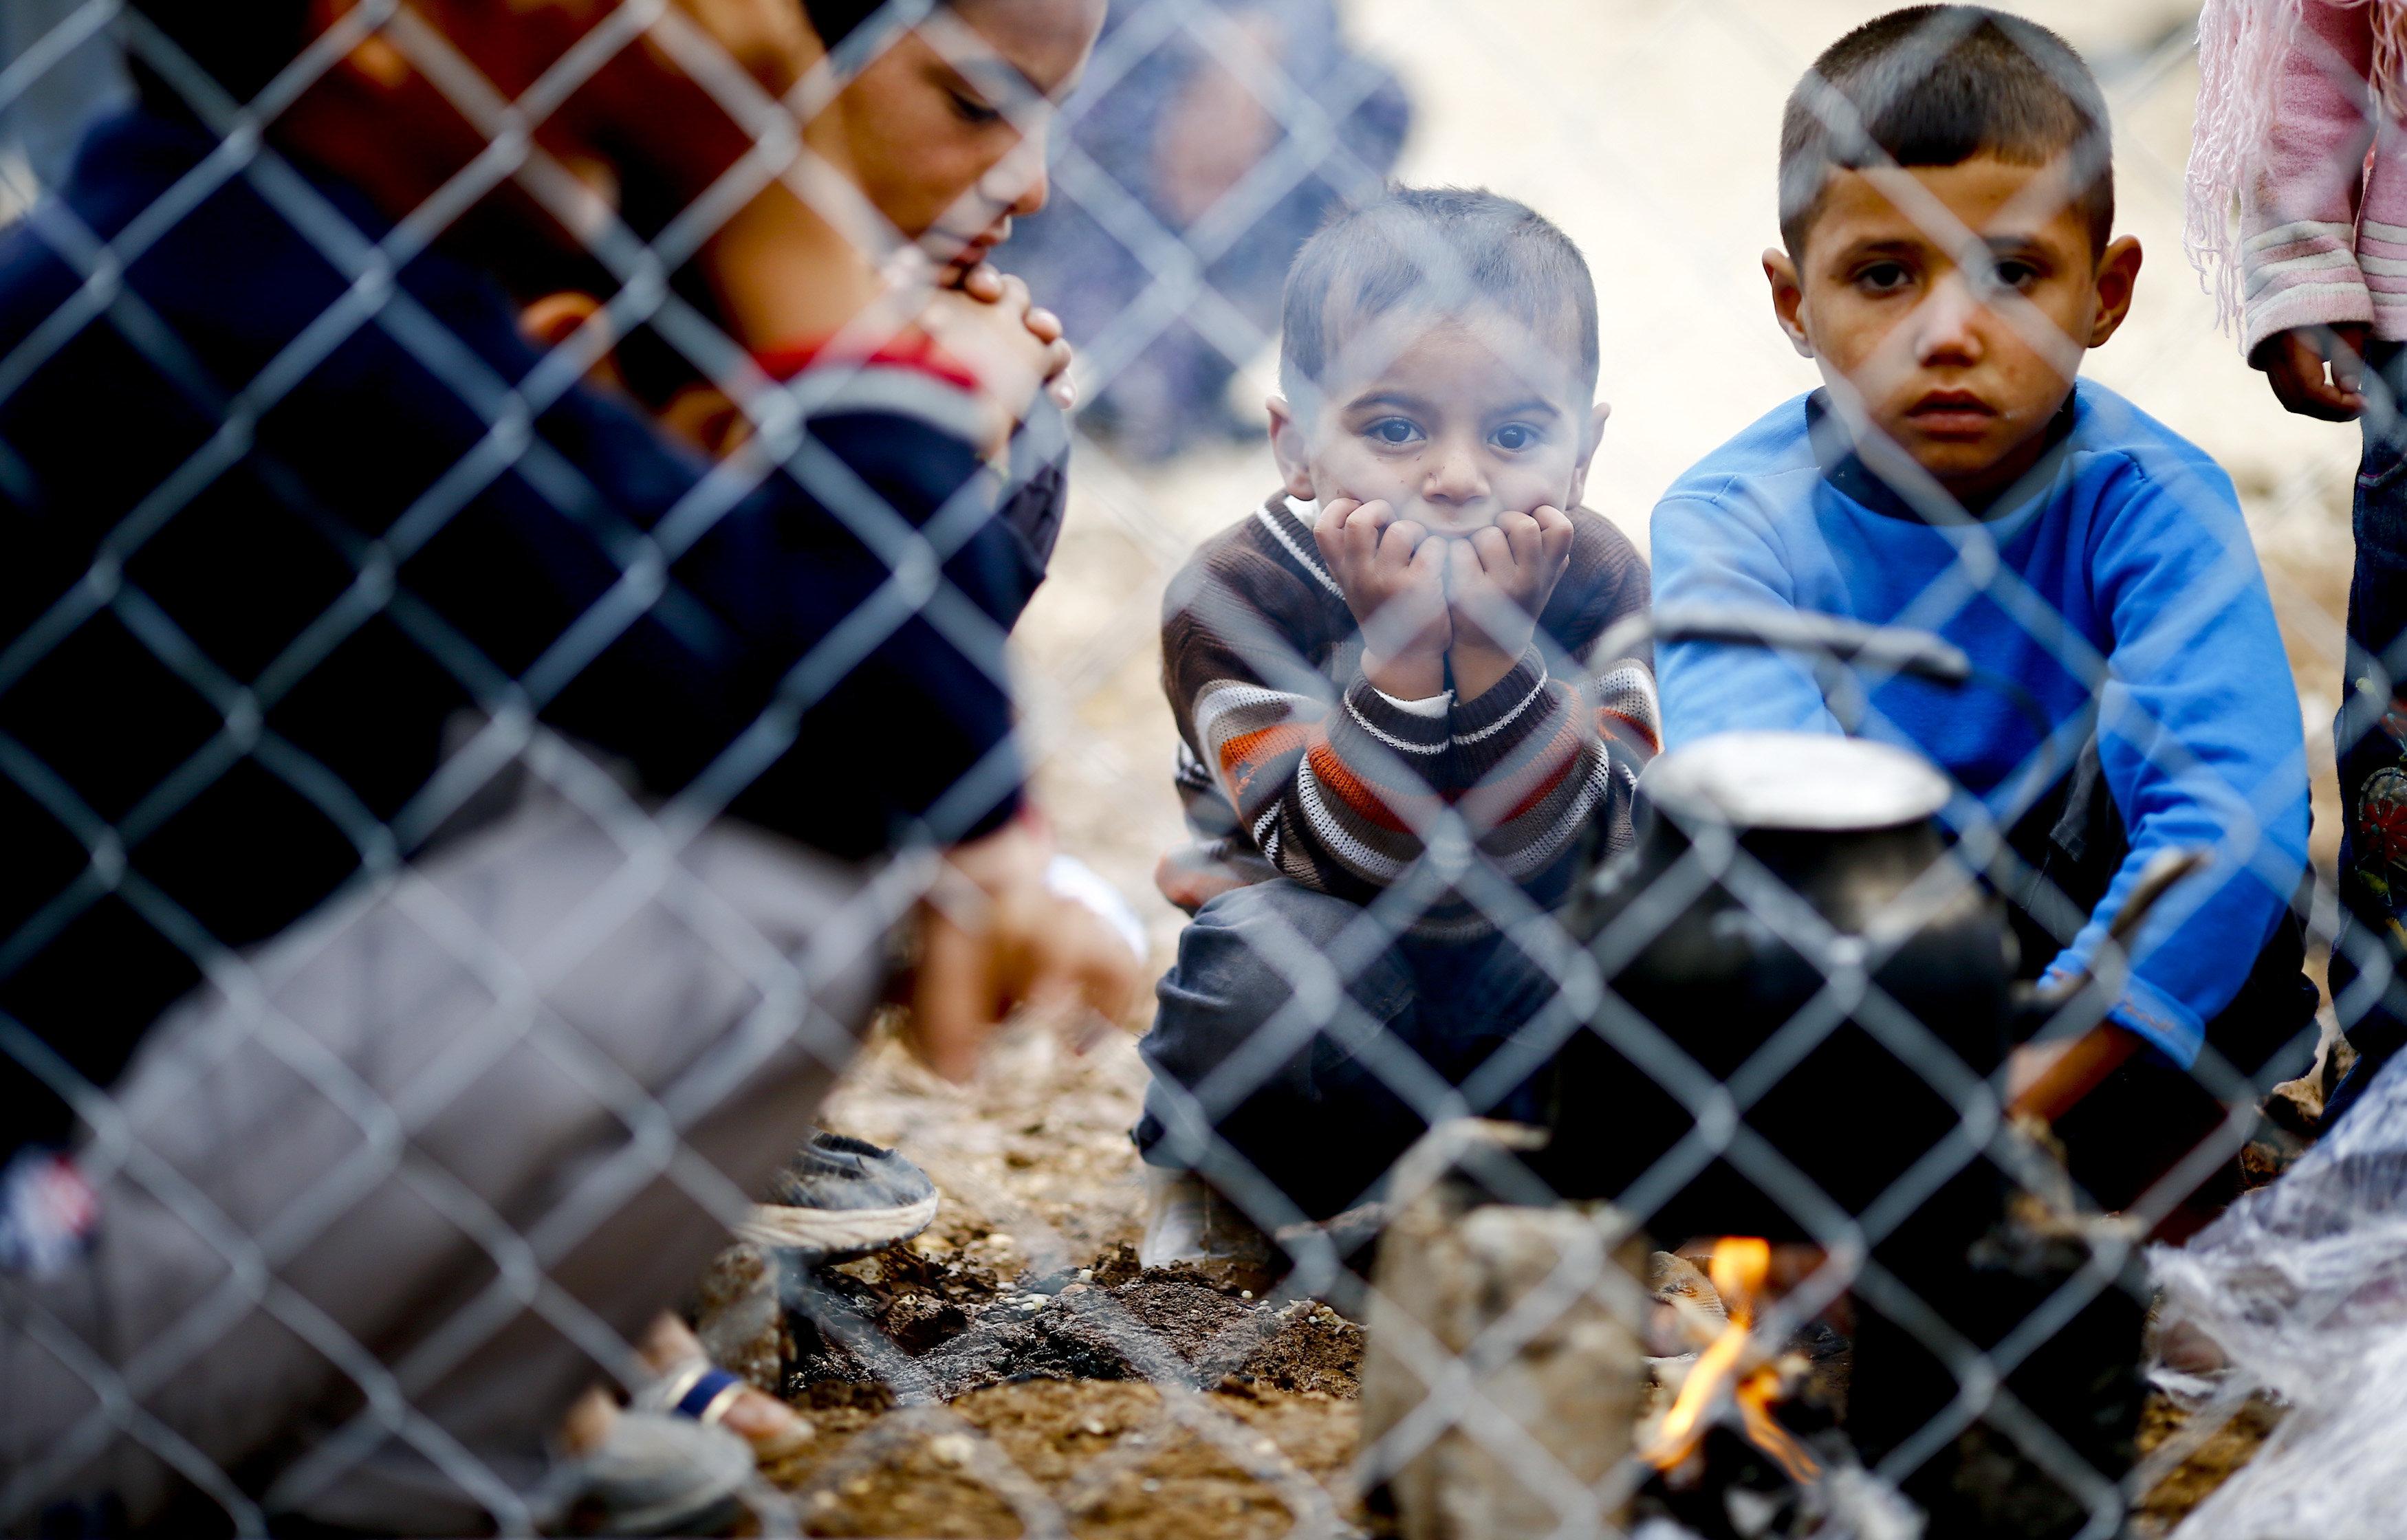 Migrationsforscher legt belastbare Zahlen zum Familiennachzug